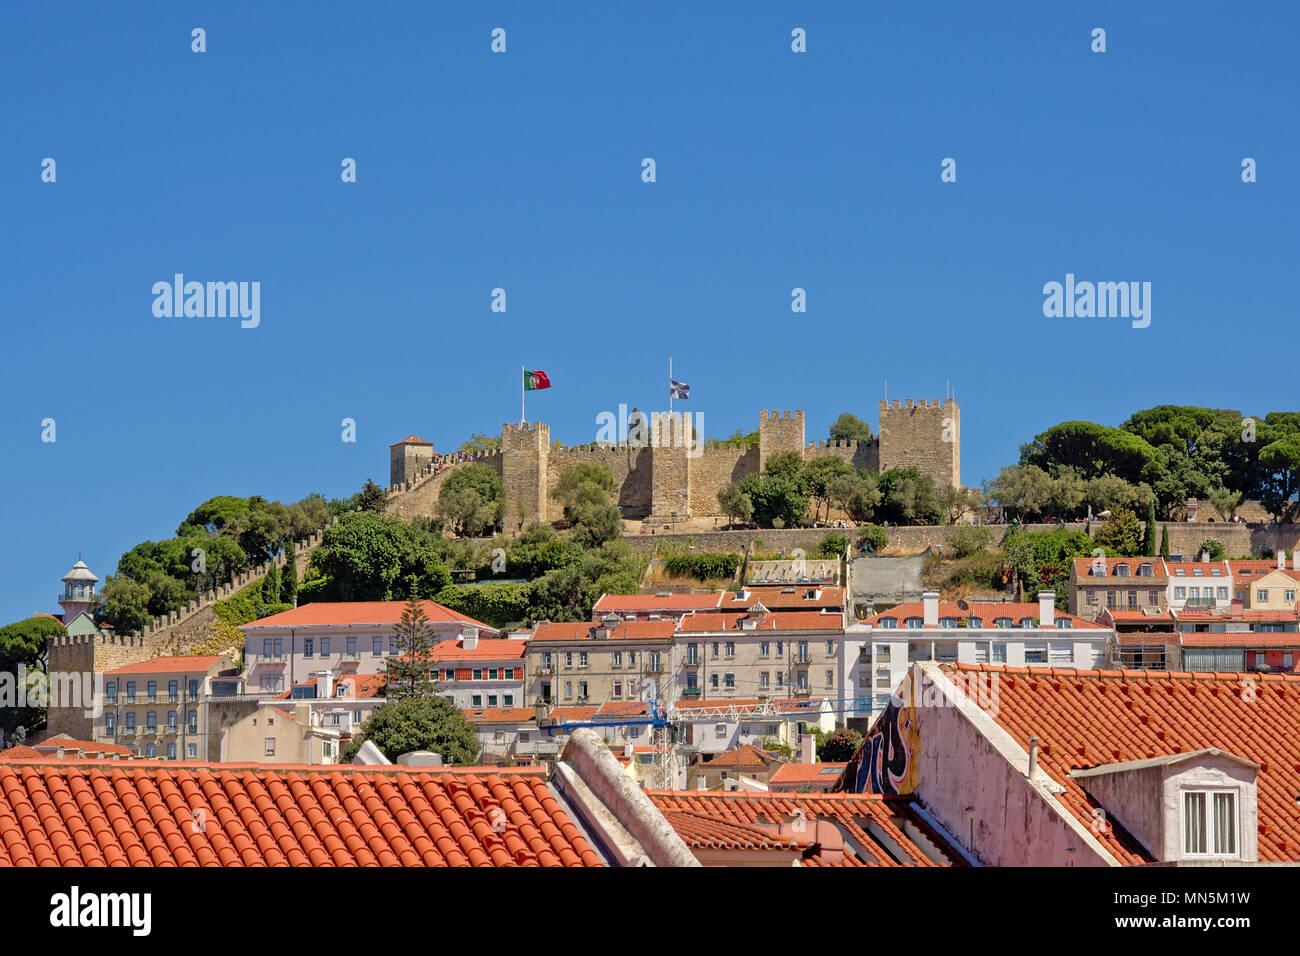 Sap jprge médiéval château sur une colline au-dessus des toits de Lisbonne onn une journée ensoleillée avec ciel bleu clair Photo Stock